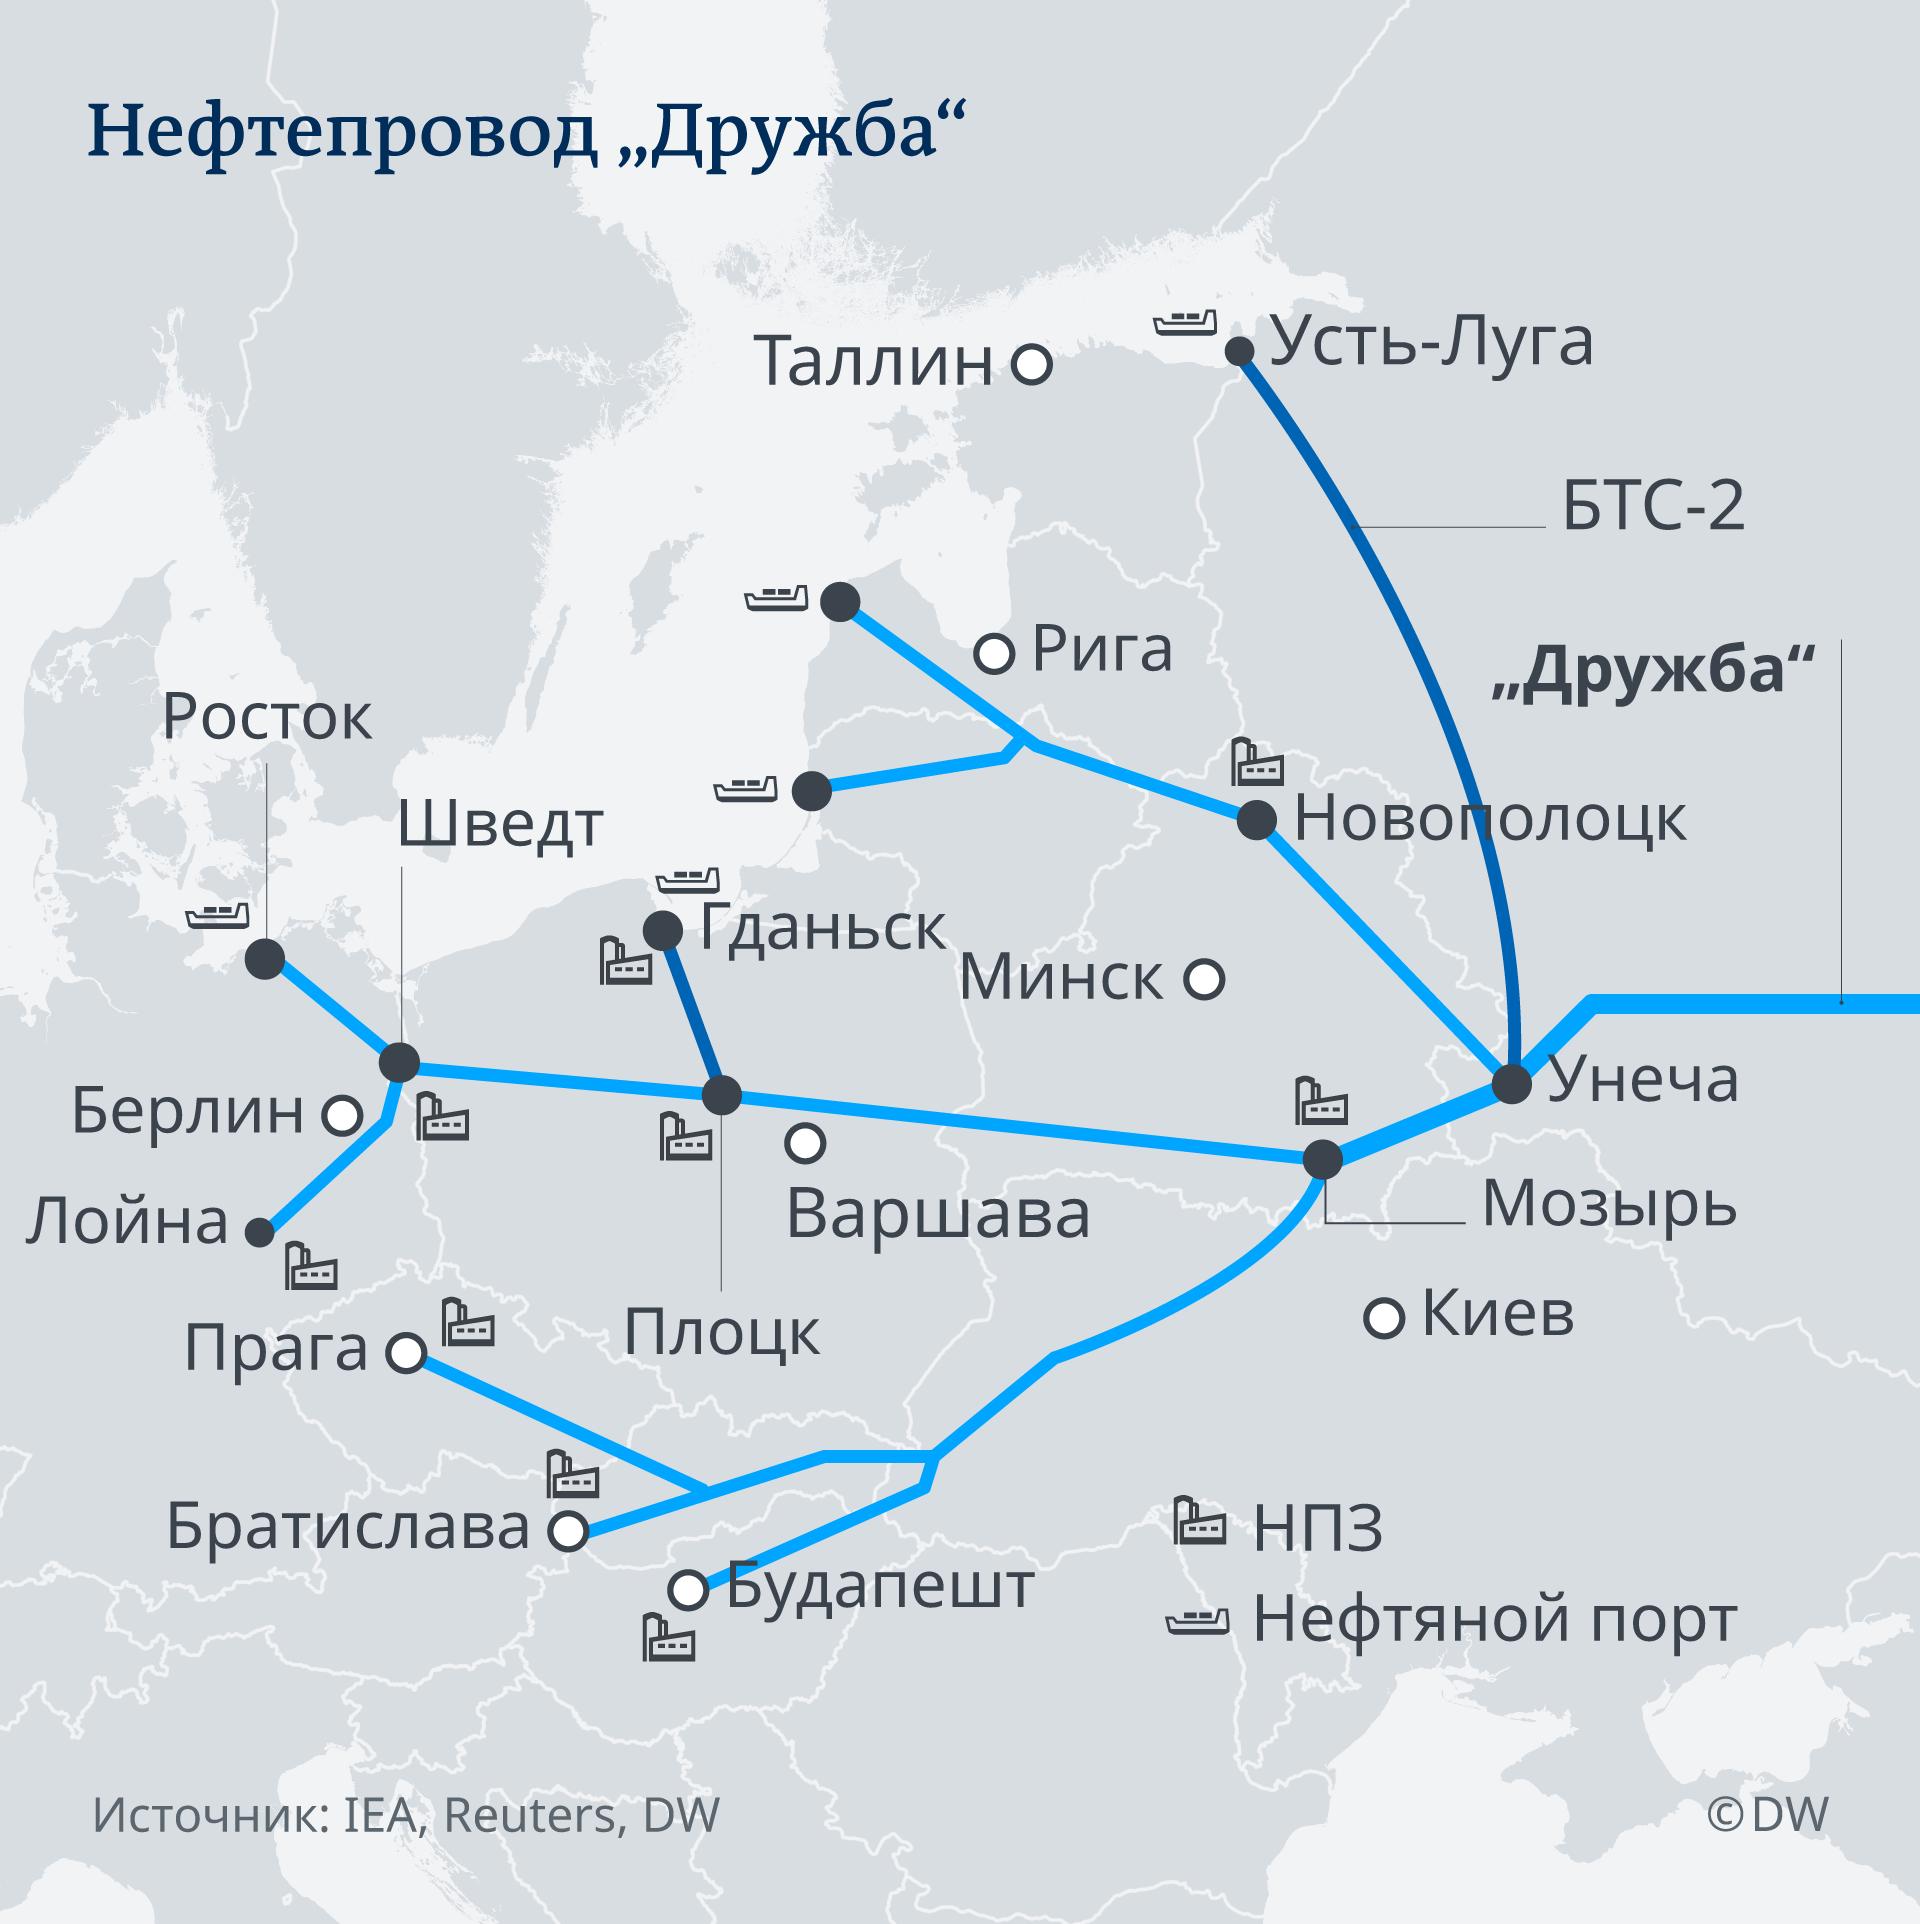 Карта нефтепровода Дружба